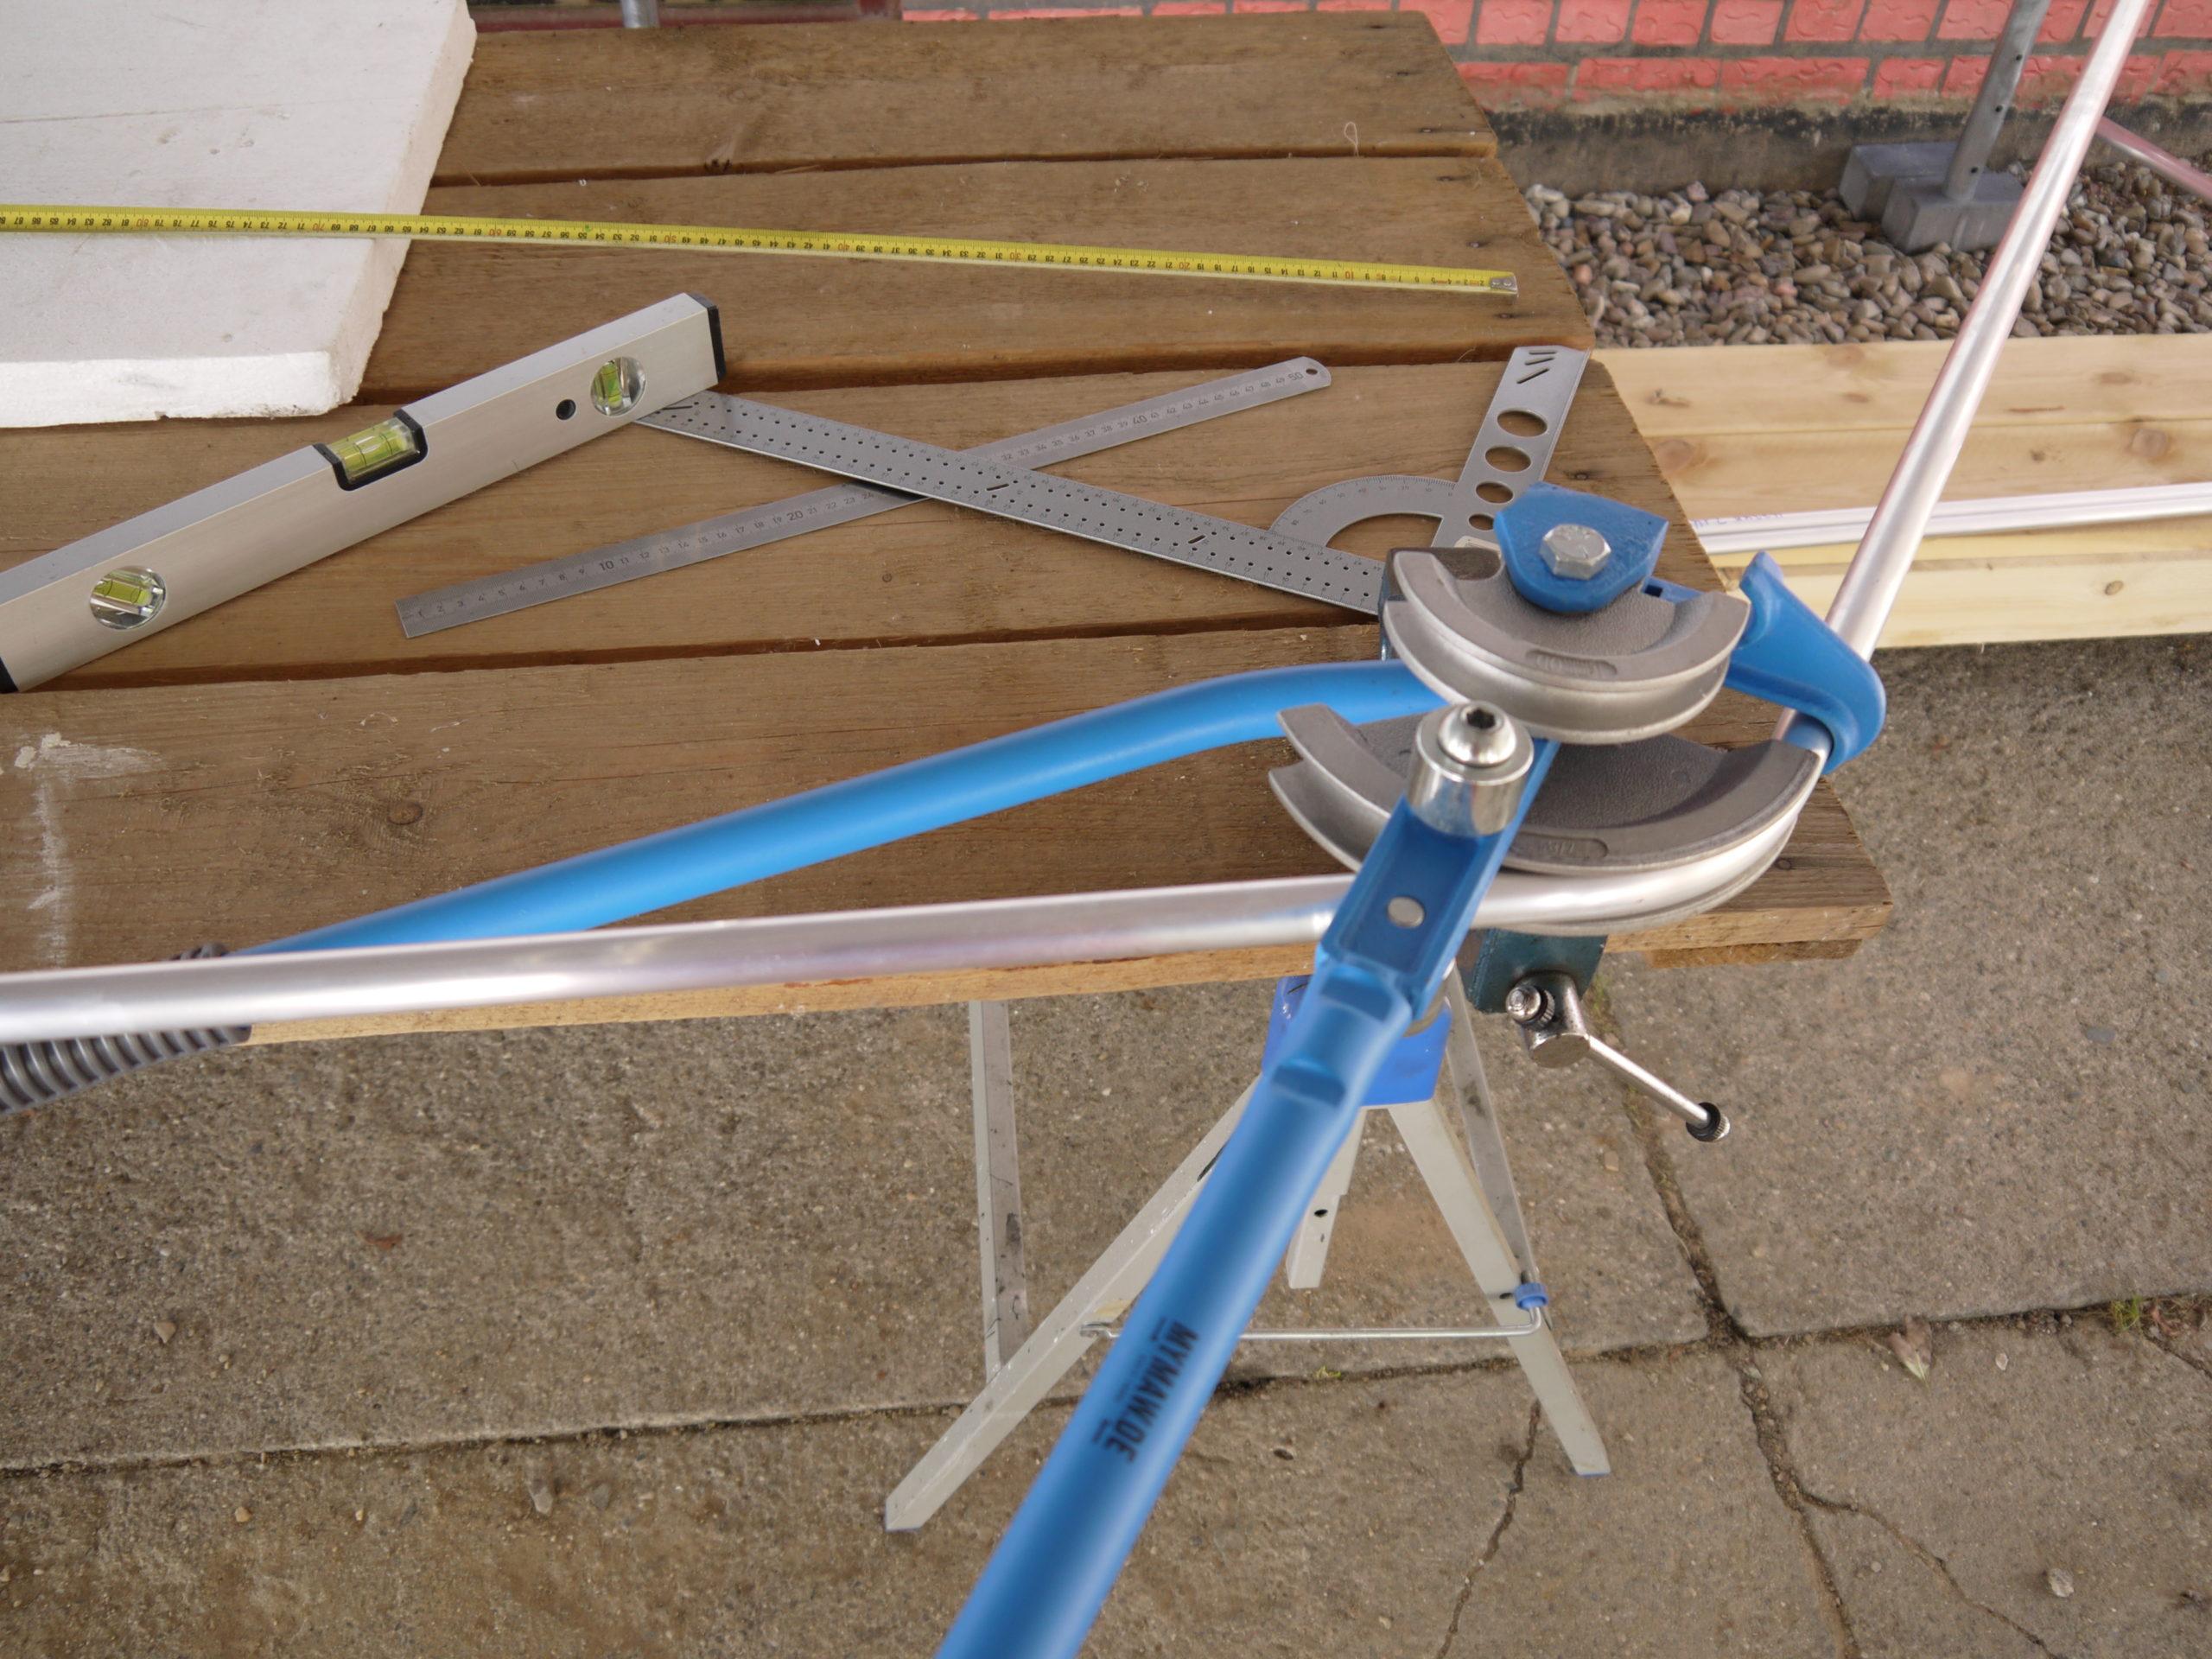 Werkzeug zum Biegen von Rohren auf einem Tisch beim Dachzelt selbst bauen